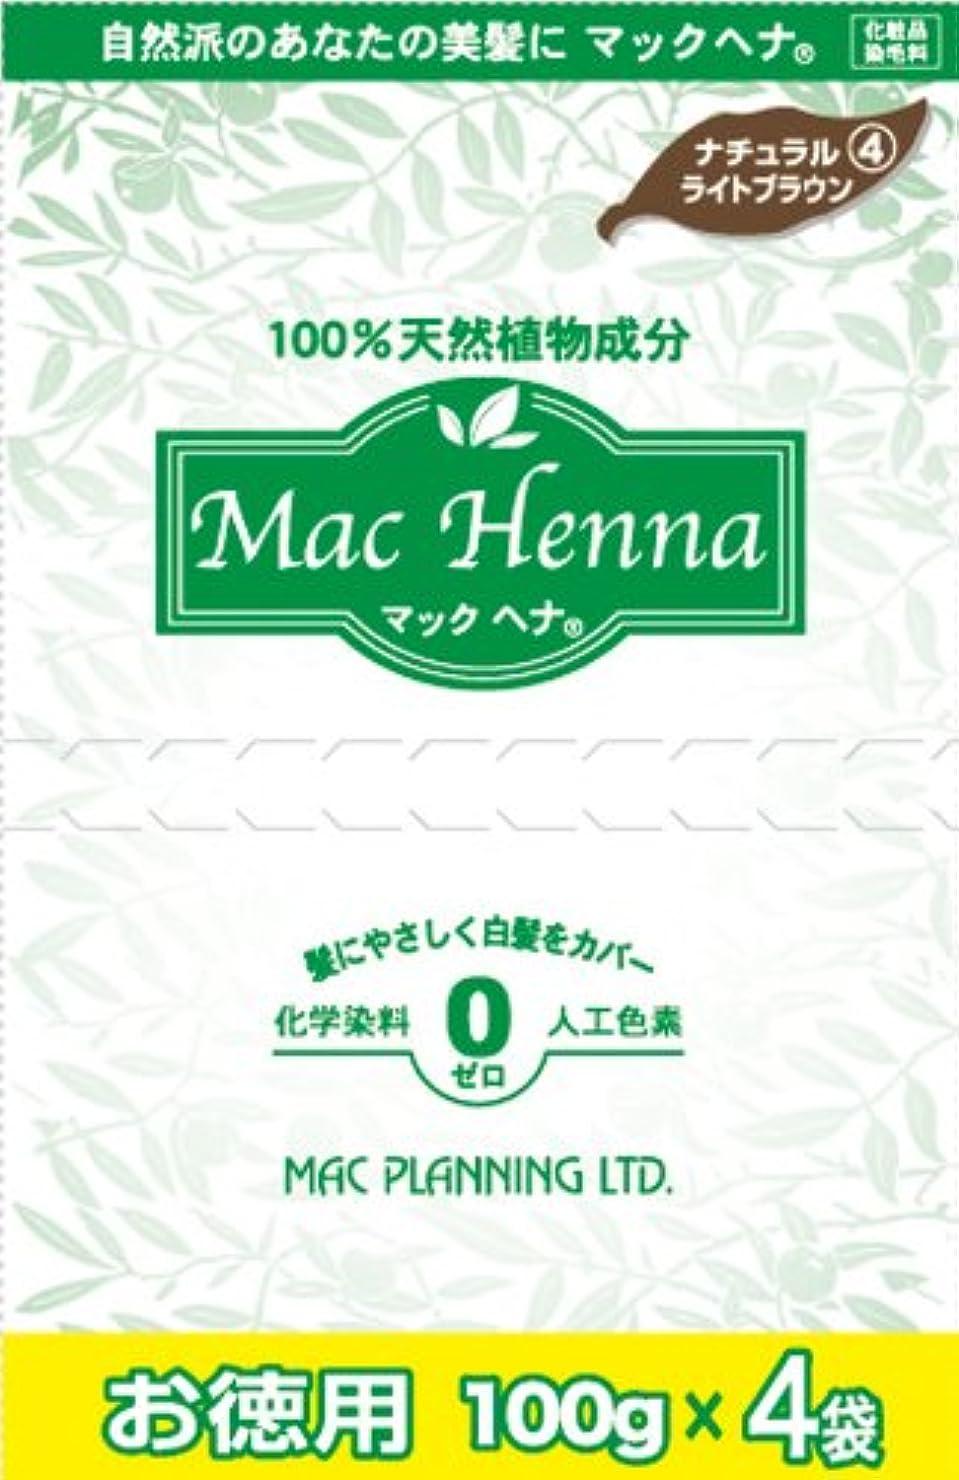 ビルマ羨望以内に天然植物原料100% 無添加 マックヘナ お徳用(ナチュラルライトブラウン)-4  400g(100g×4袋)2箱セット